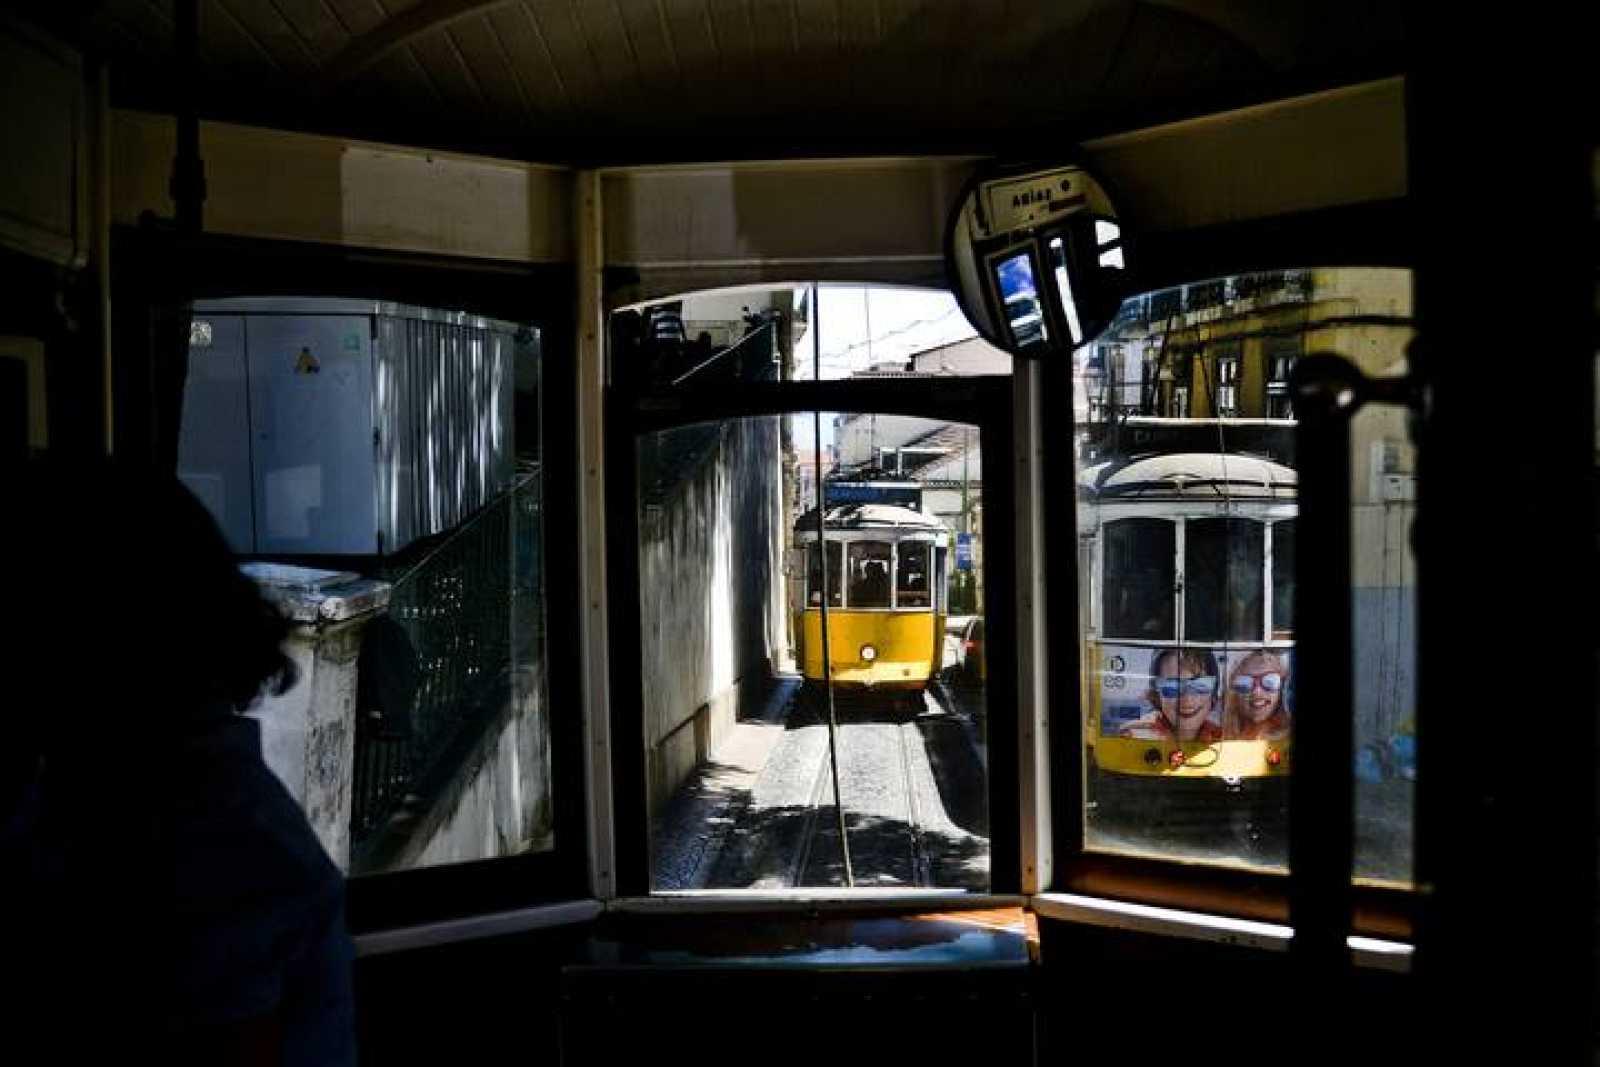 El tranvía es uno de los transportes más populares en  Portugal